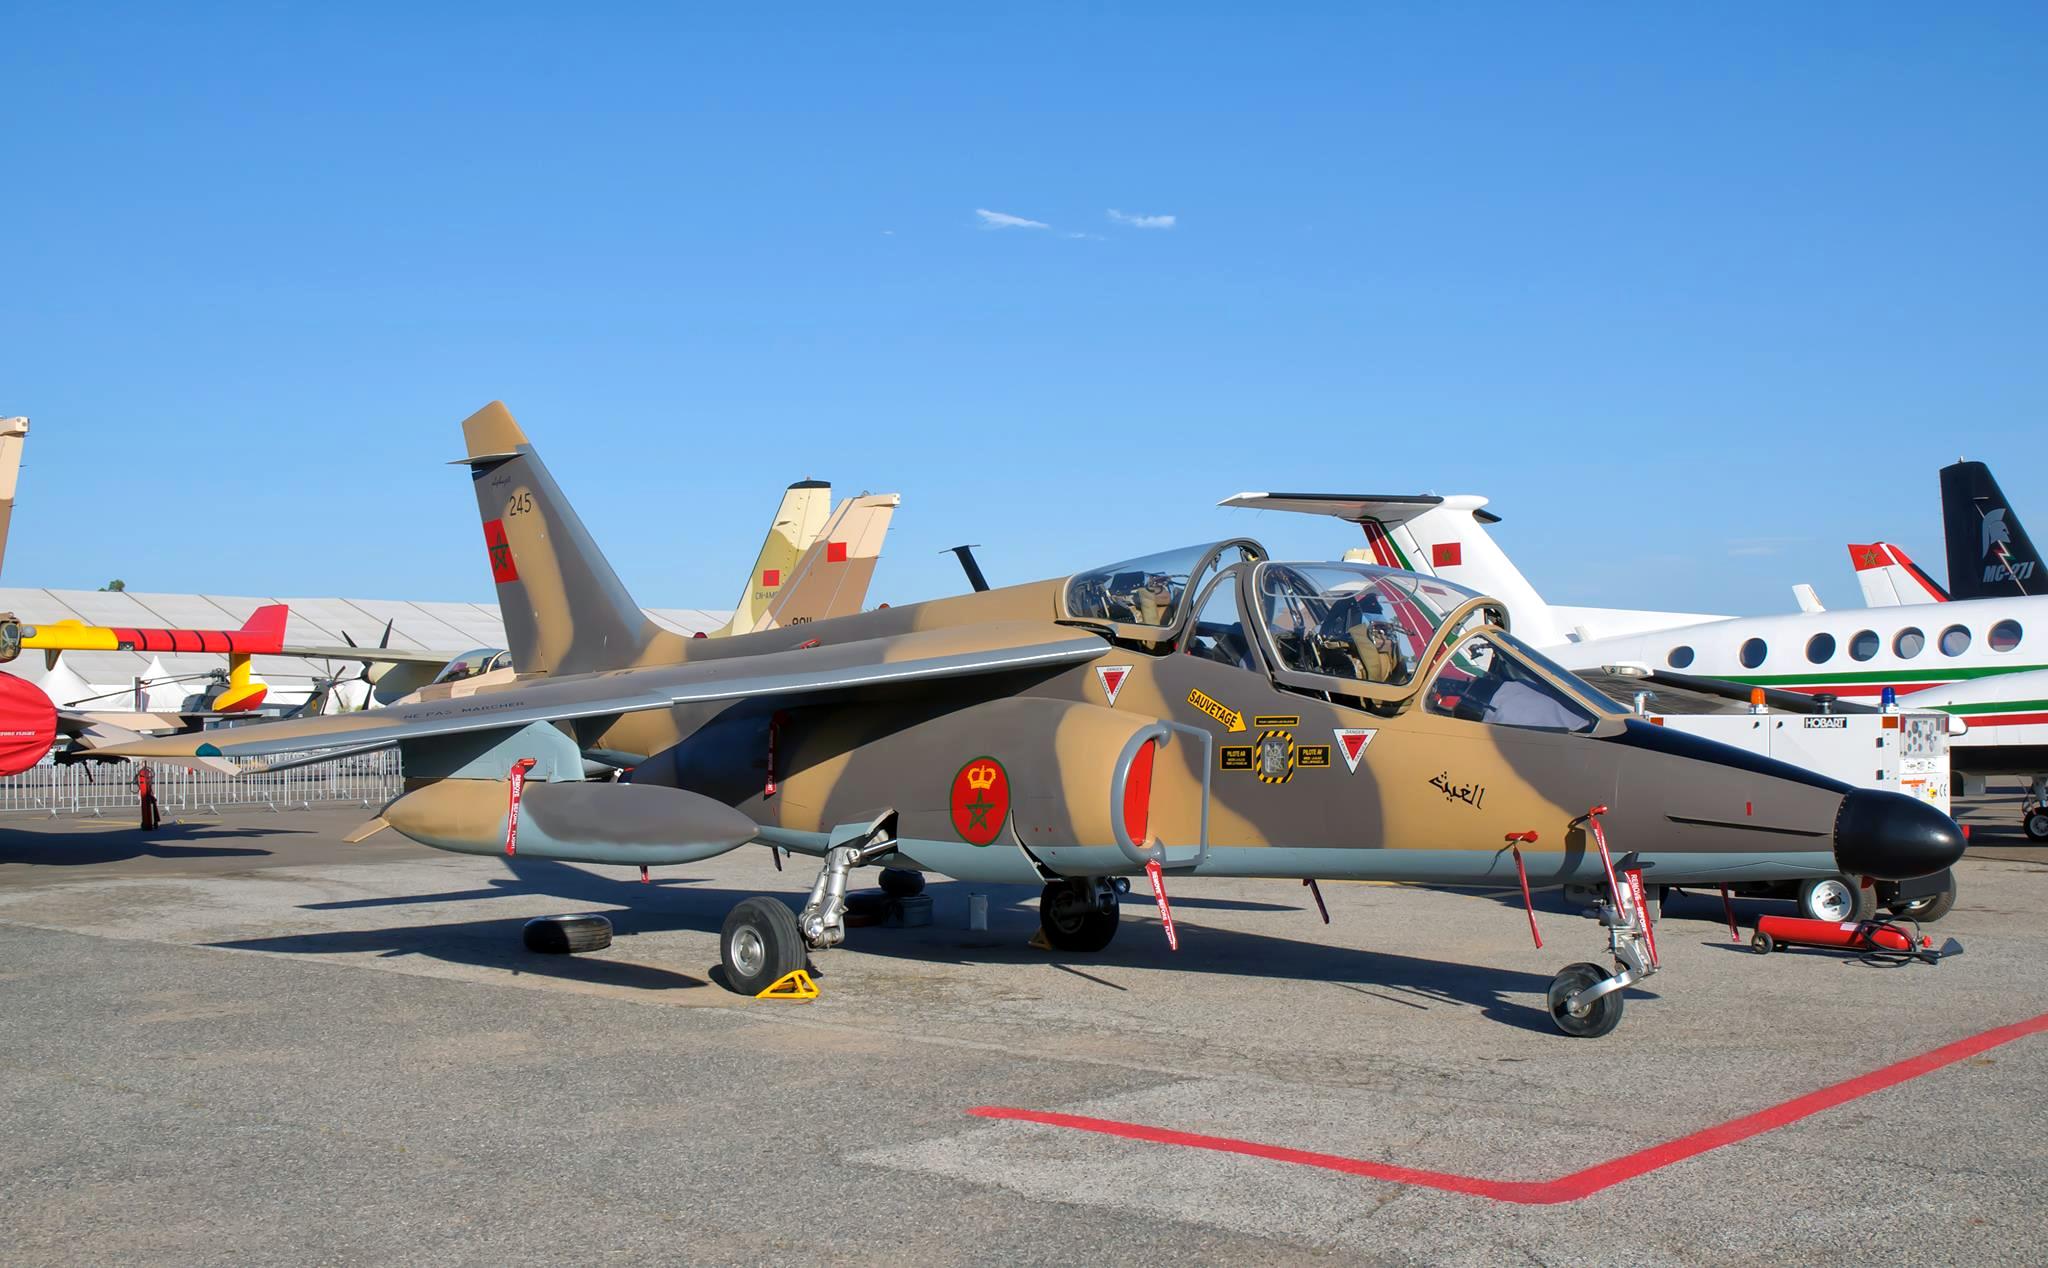 القوات الجوية الملكية المغربية - متجدد - - صفحة 2 160201063205873241